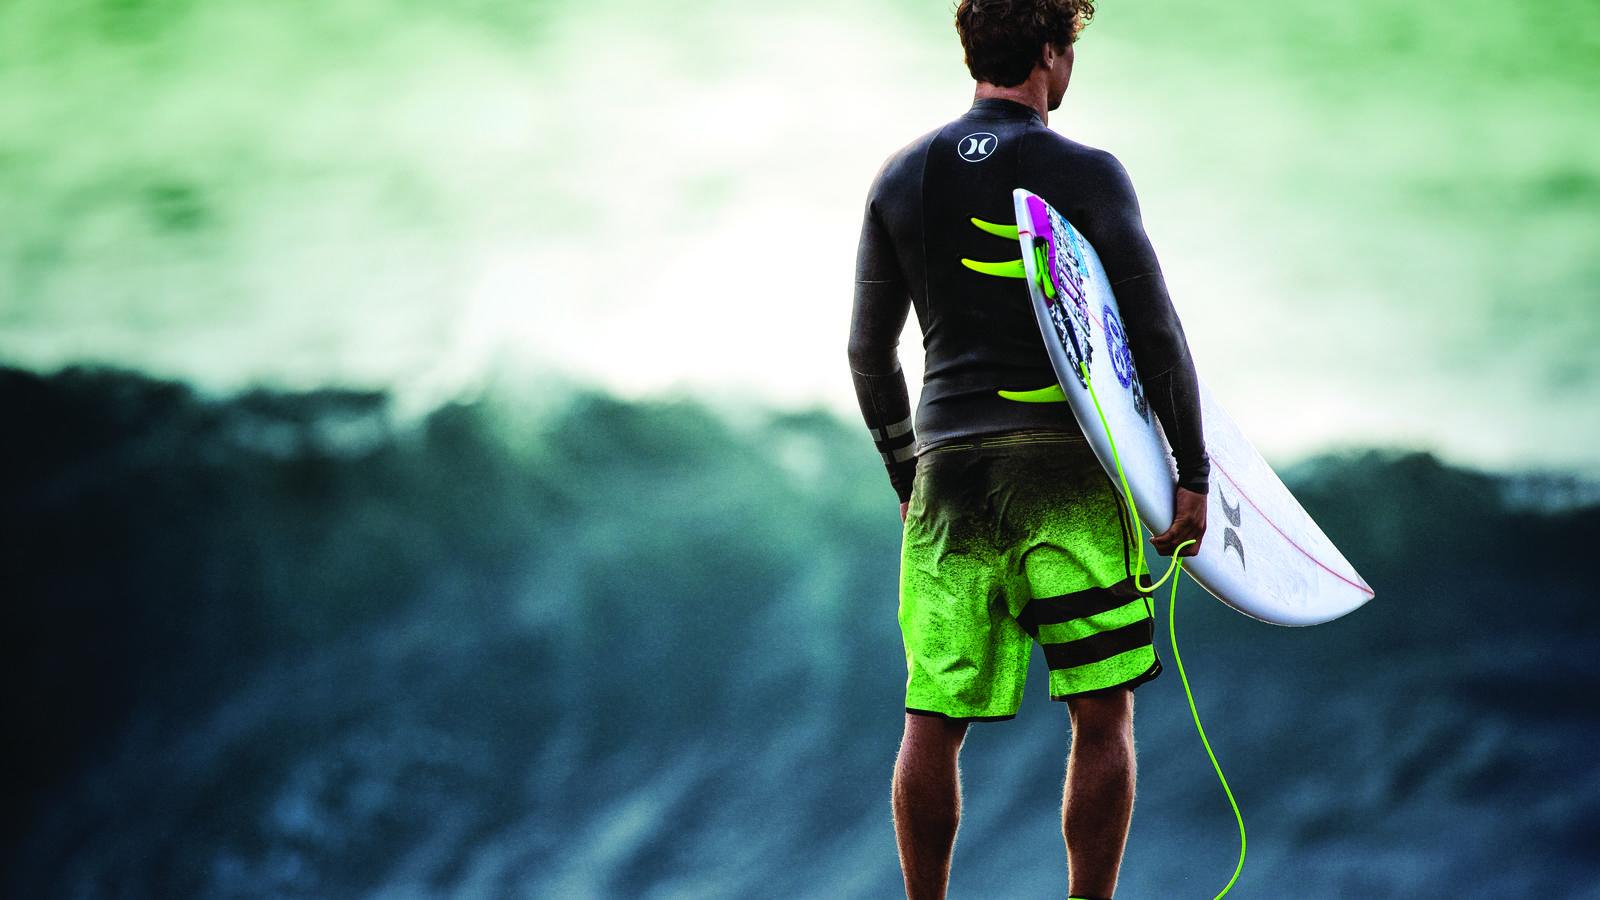 Surf Zwembroek Heren.Zwembroek Heren The Boardshort Shop